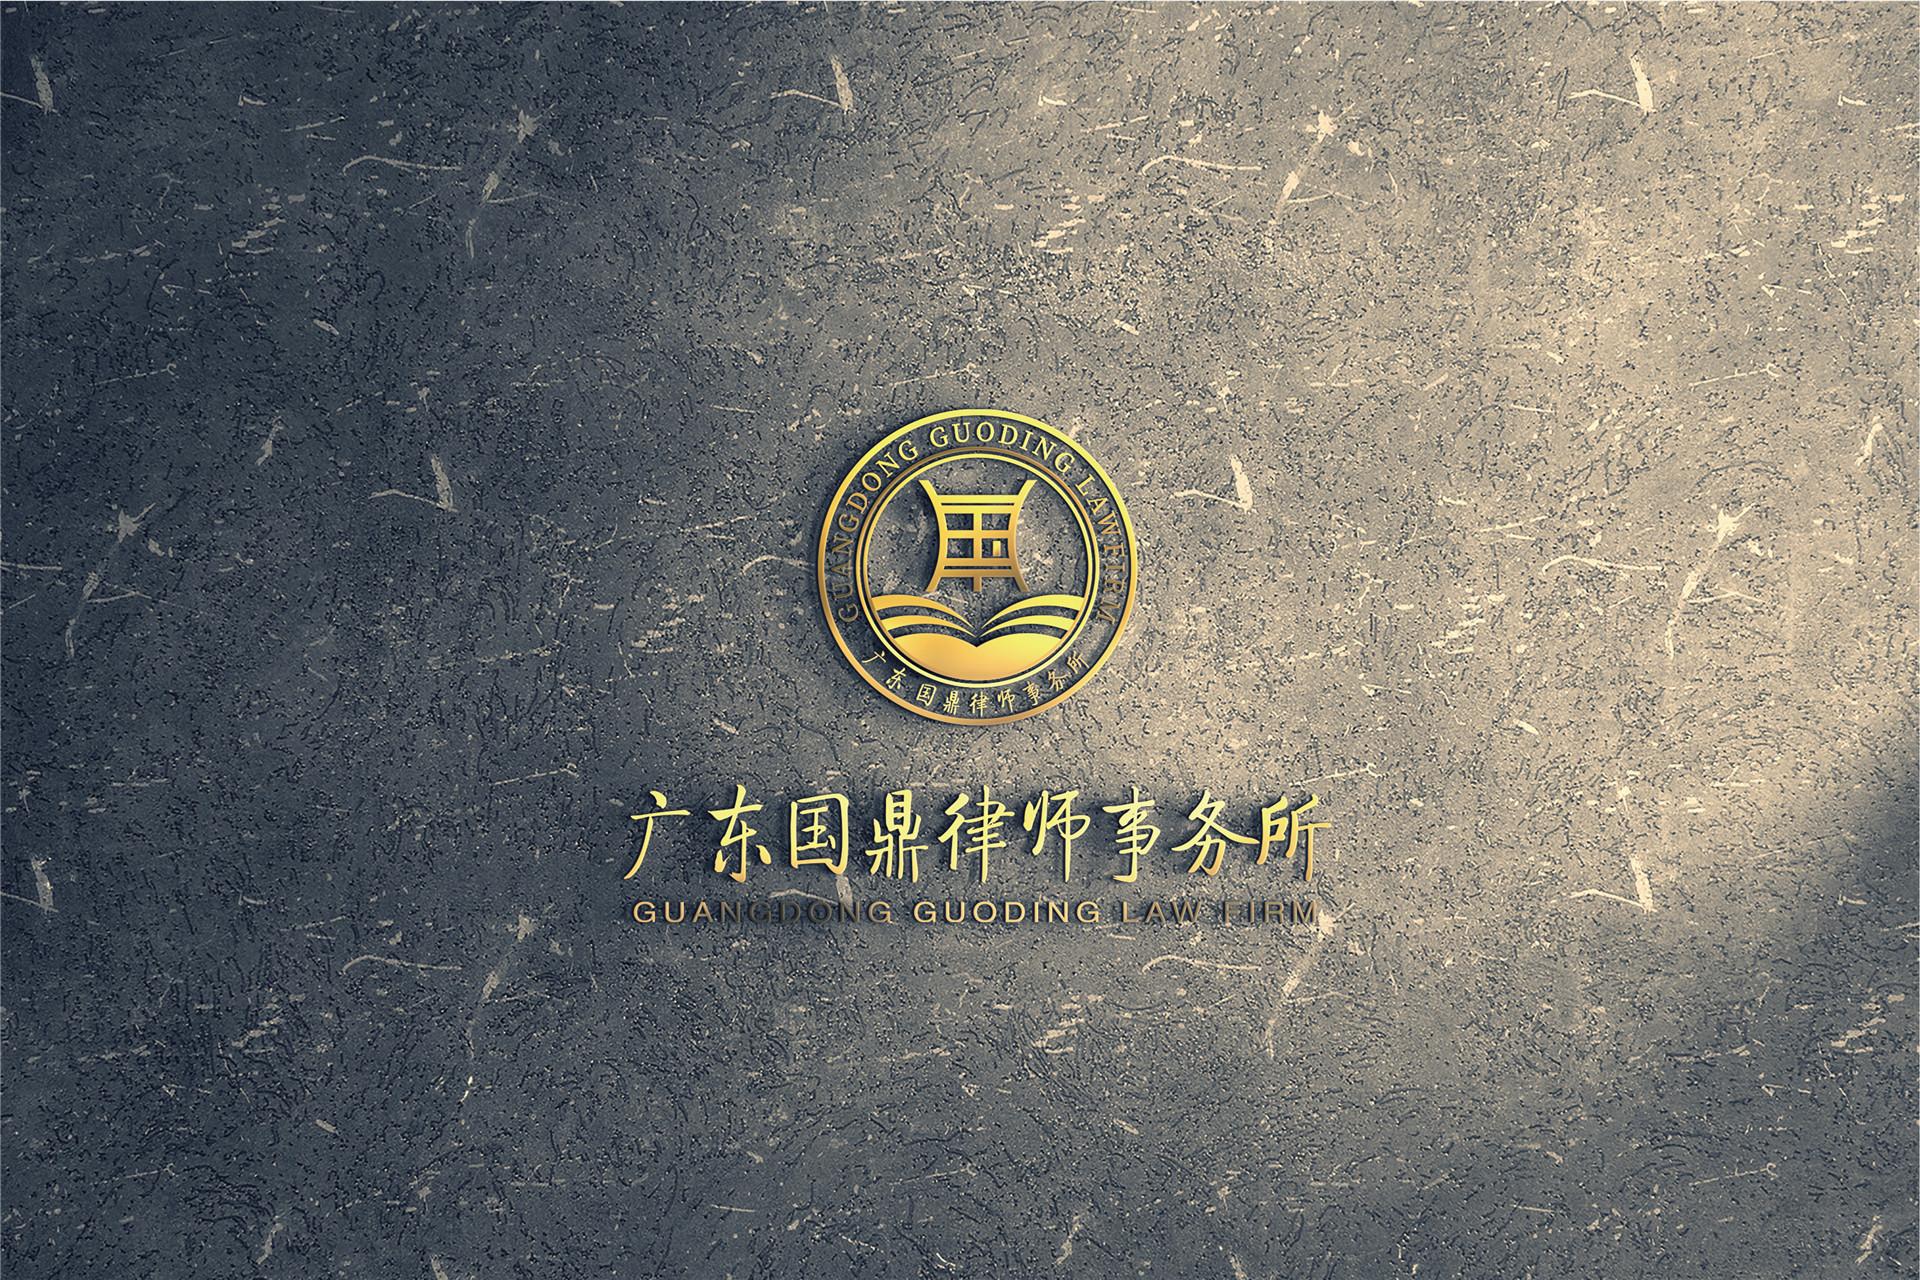 广东国鼎律师事务所1